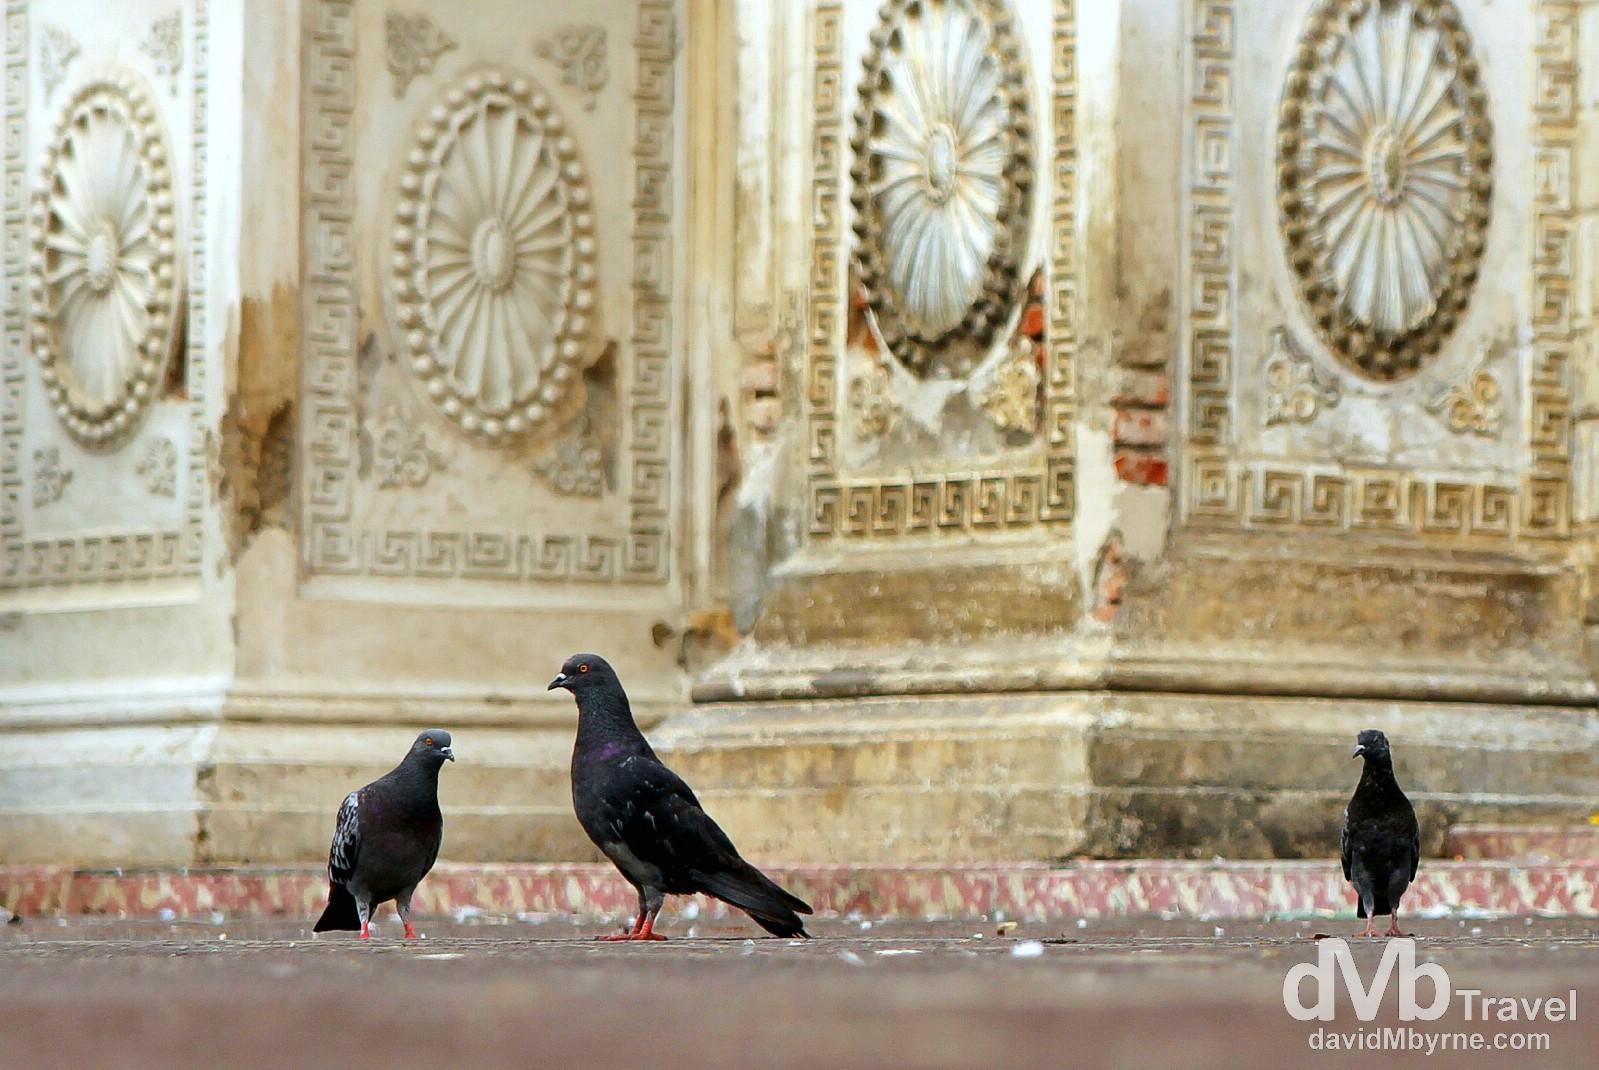 Pigeons outside Santa Ana Cathedral, Santa Ana, Western El Salvador. May 27th 2013.